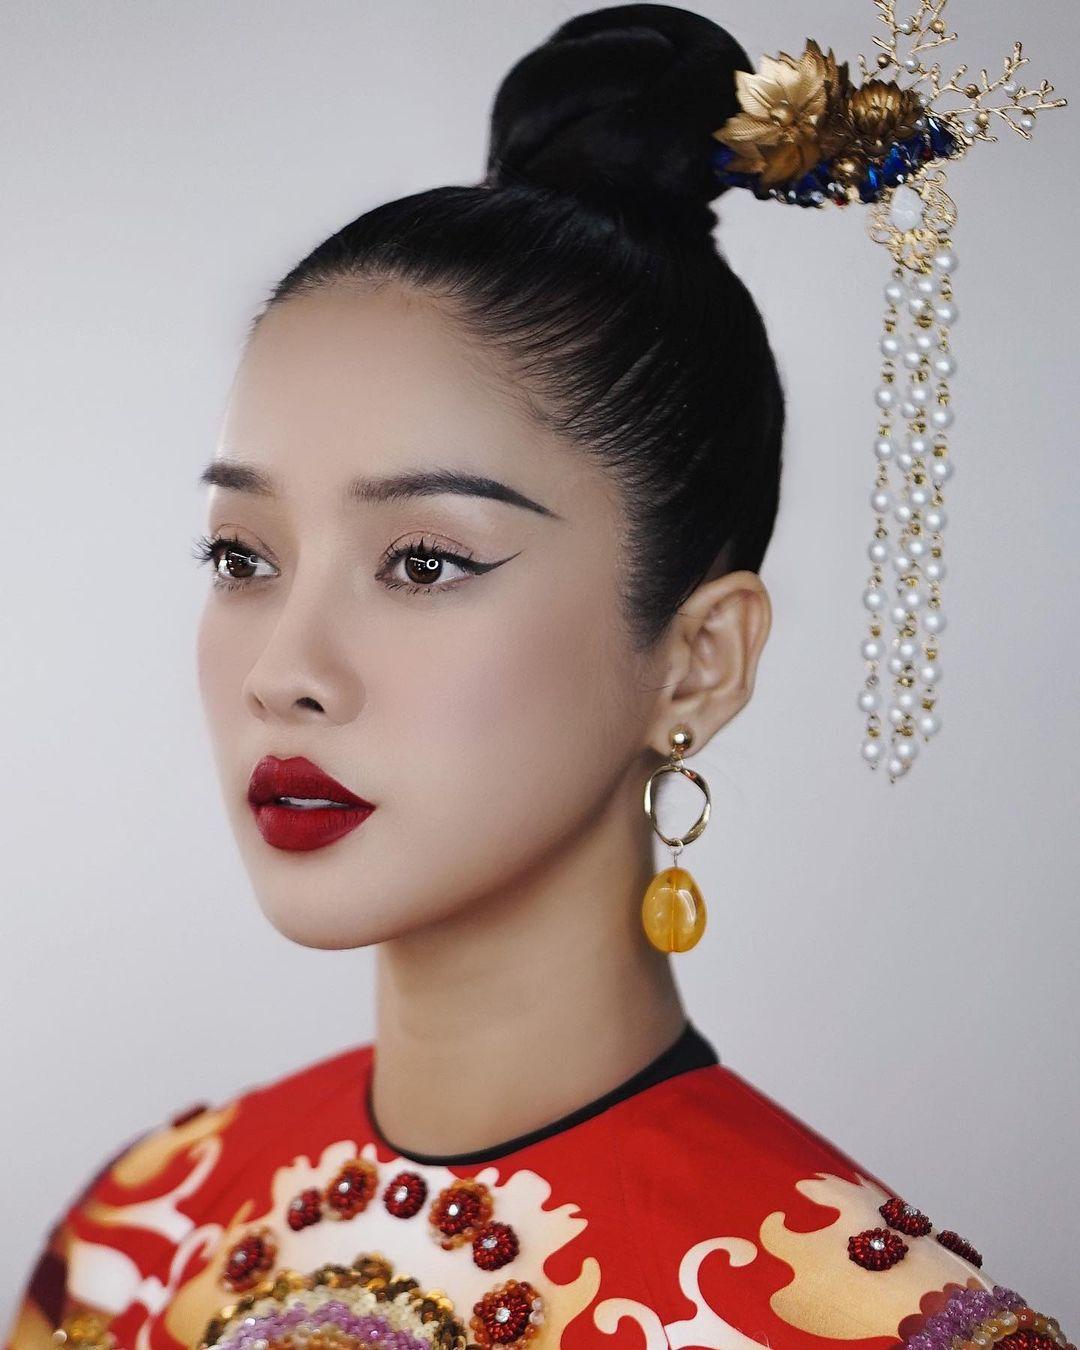 """Diện áo dài cách tân đẹp thấy mê tại thảm đỏ WeChoice, cô nàng này đã """"chiếm sóng"""" dù chẳng lộng lẫy cầu kỳ như bao người - Ảnh 5."""